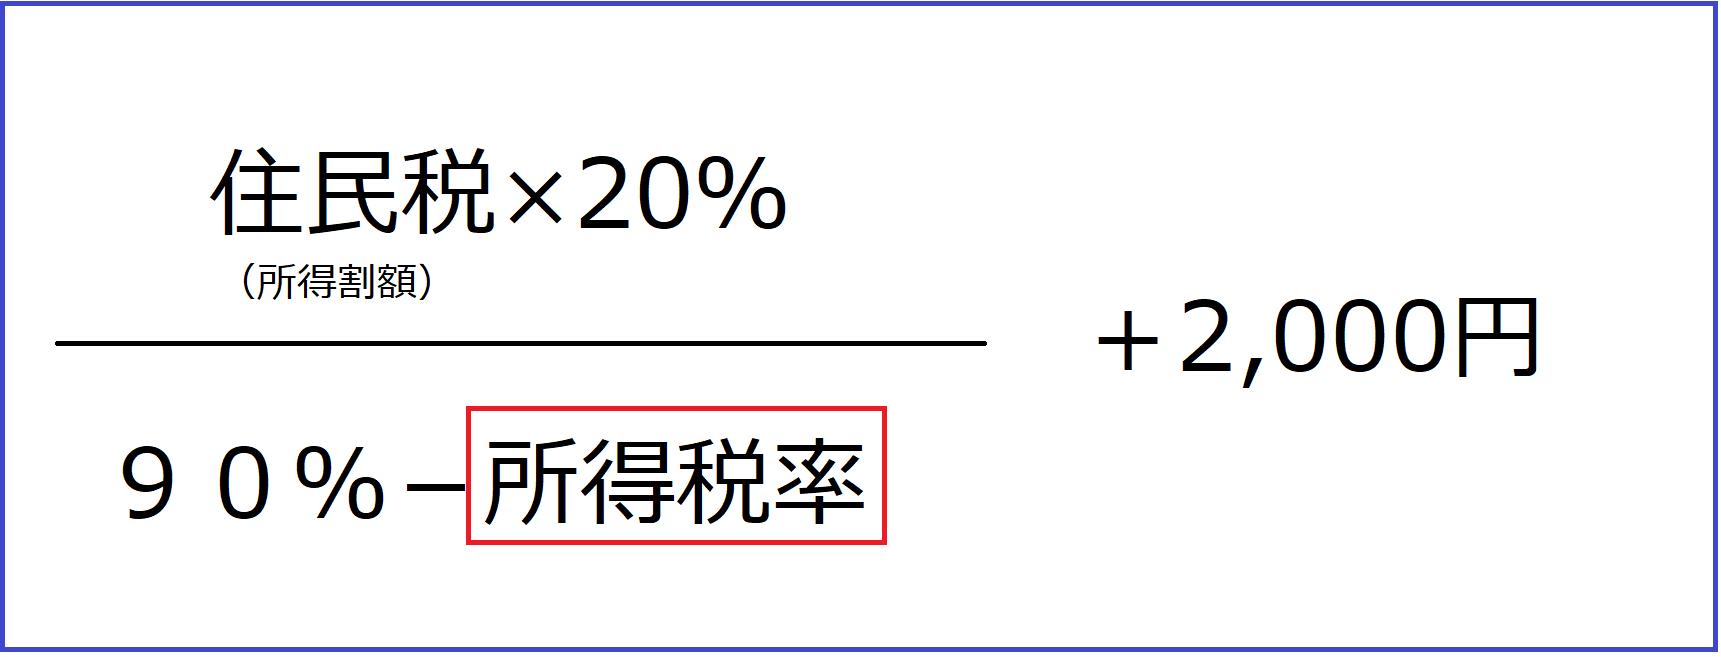 住民税(所得割額)×20%÷(90%-所得税率)+2,000円